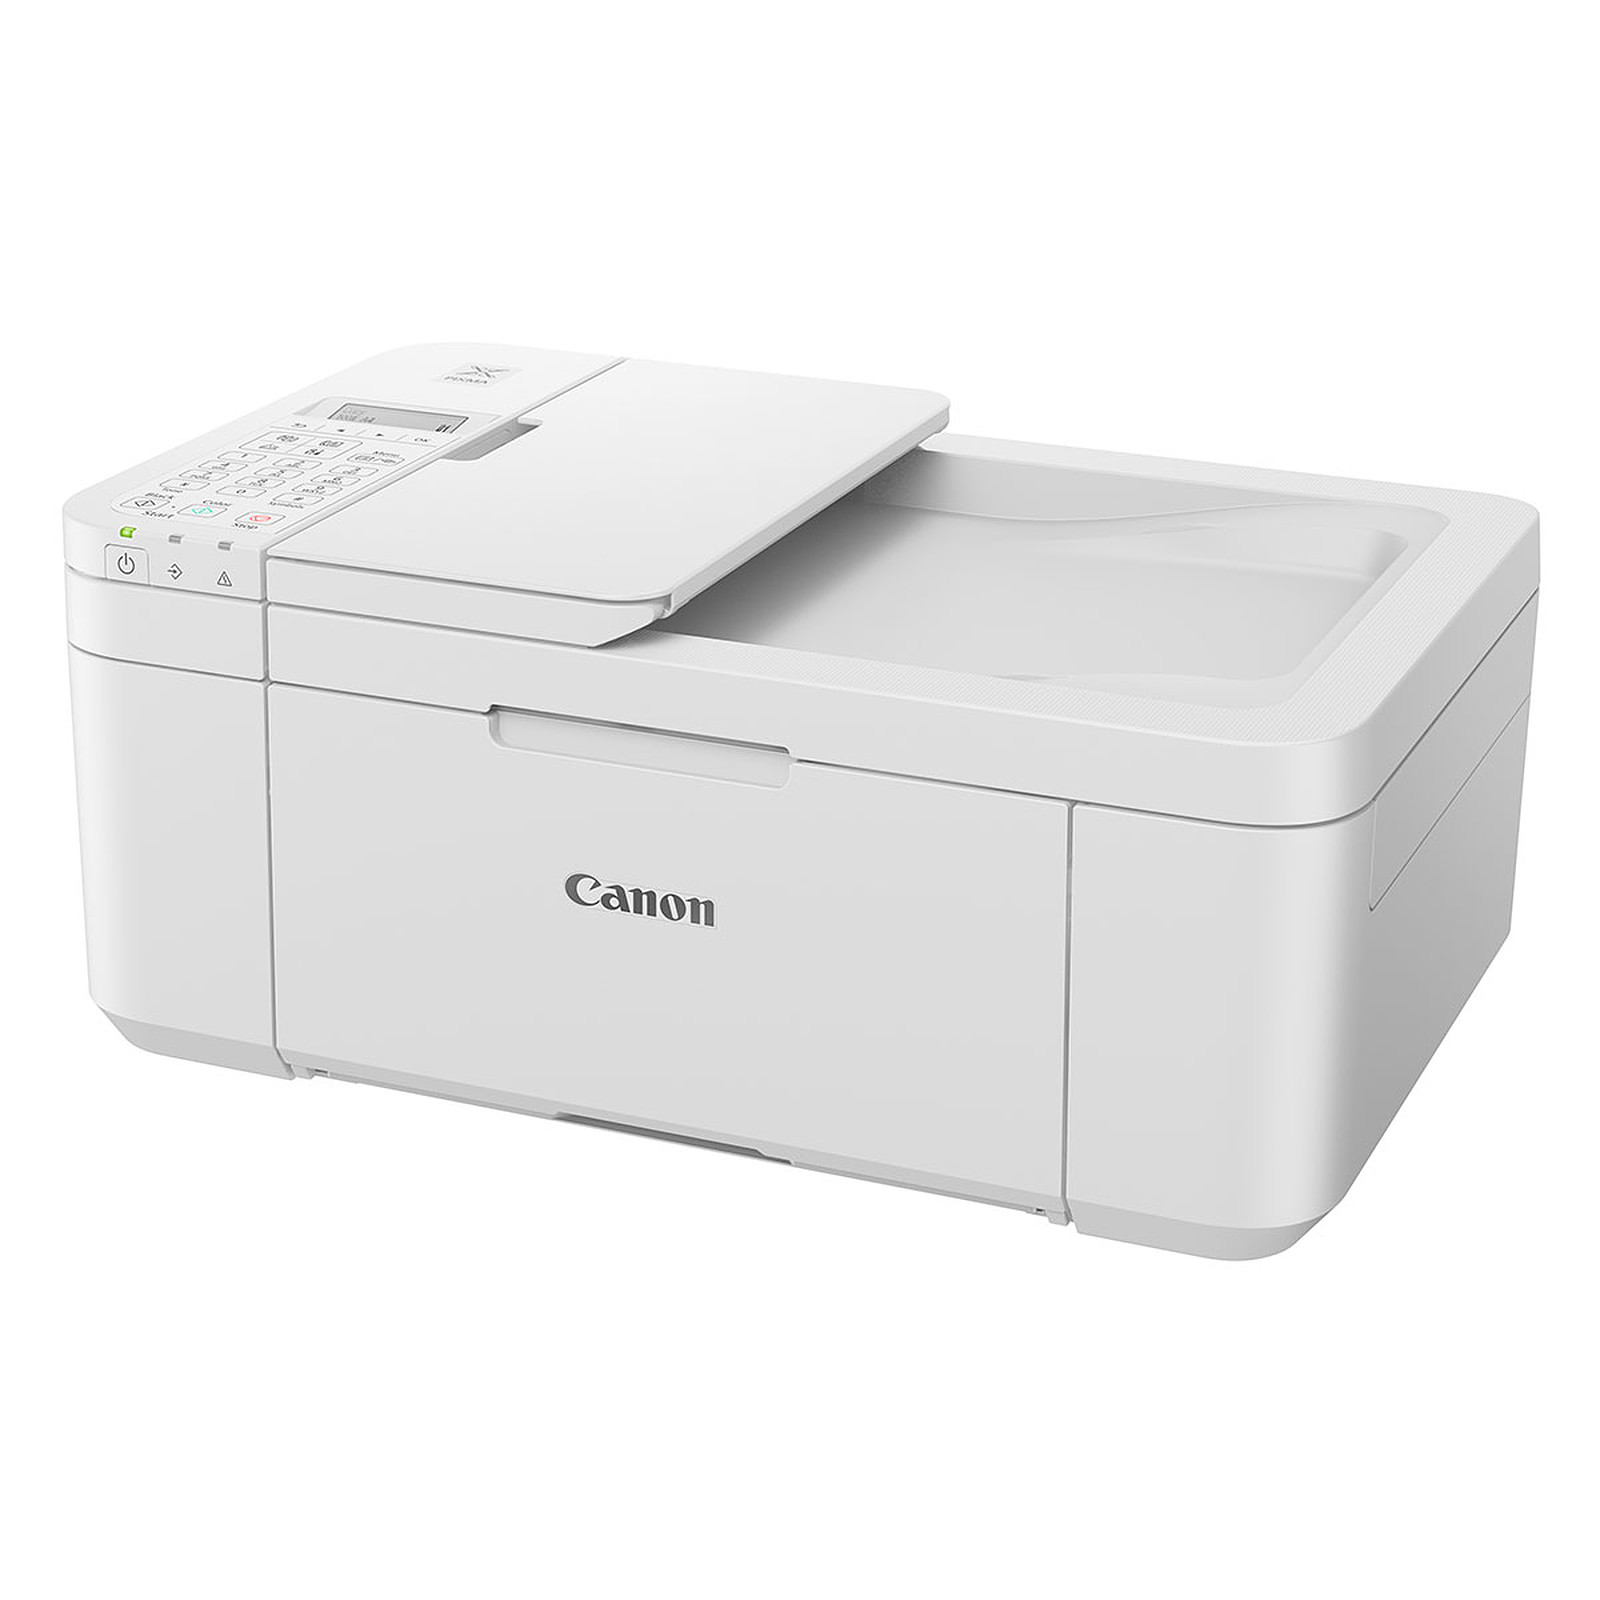 Imprimante multifonction Canon PIXMA TR4551 White - Cybertek.fr - 4